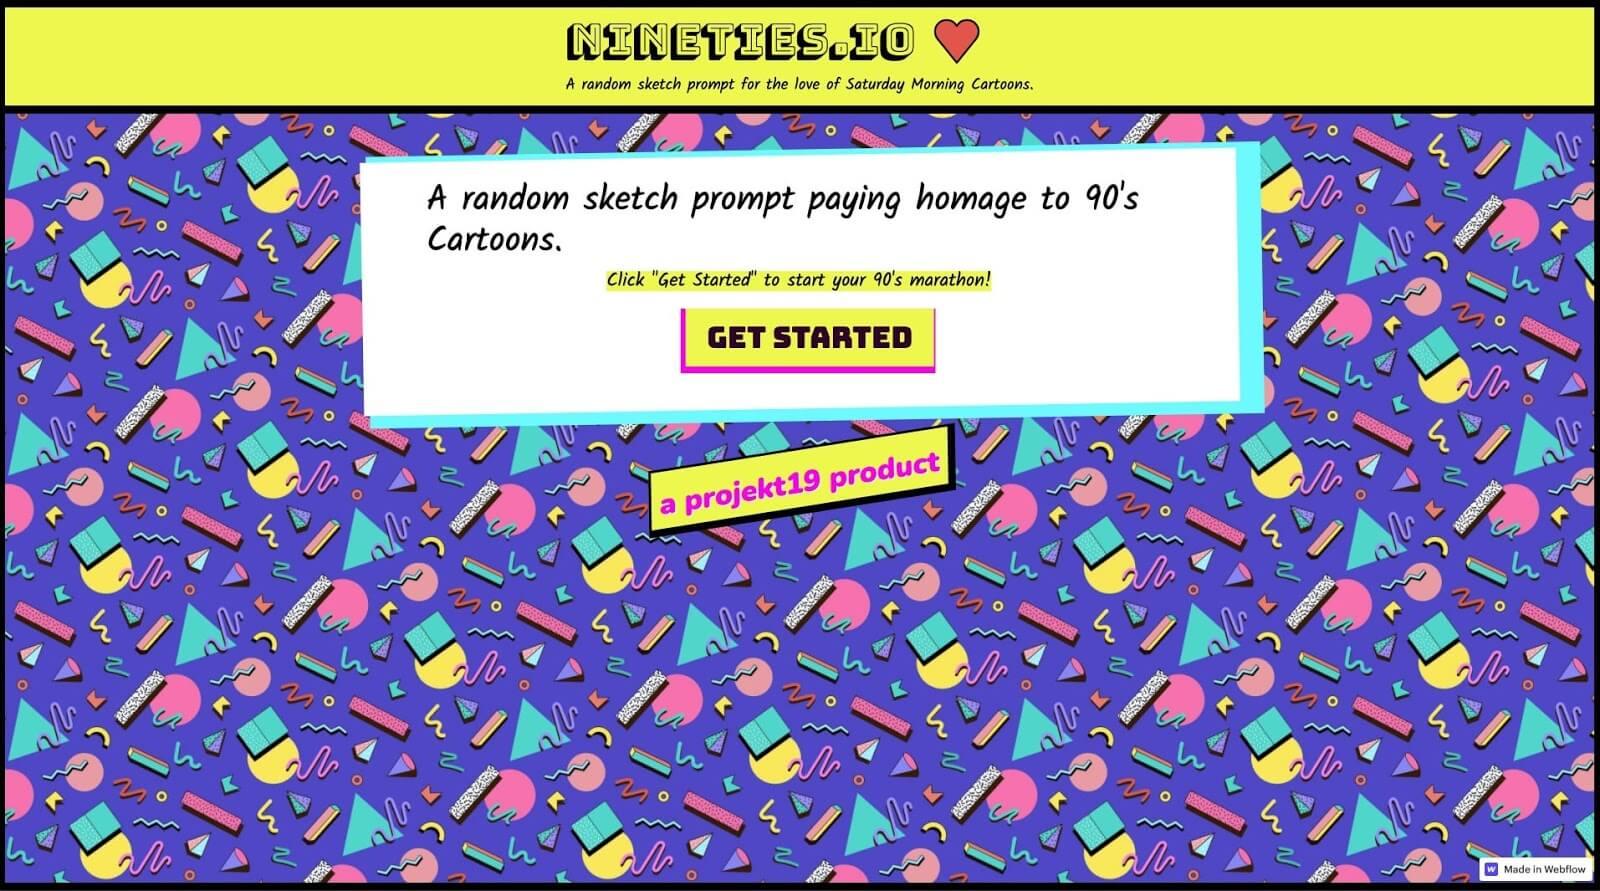 Screenshot of nineties.io website